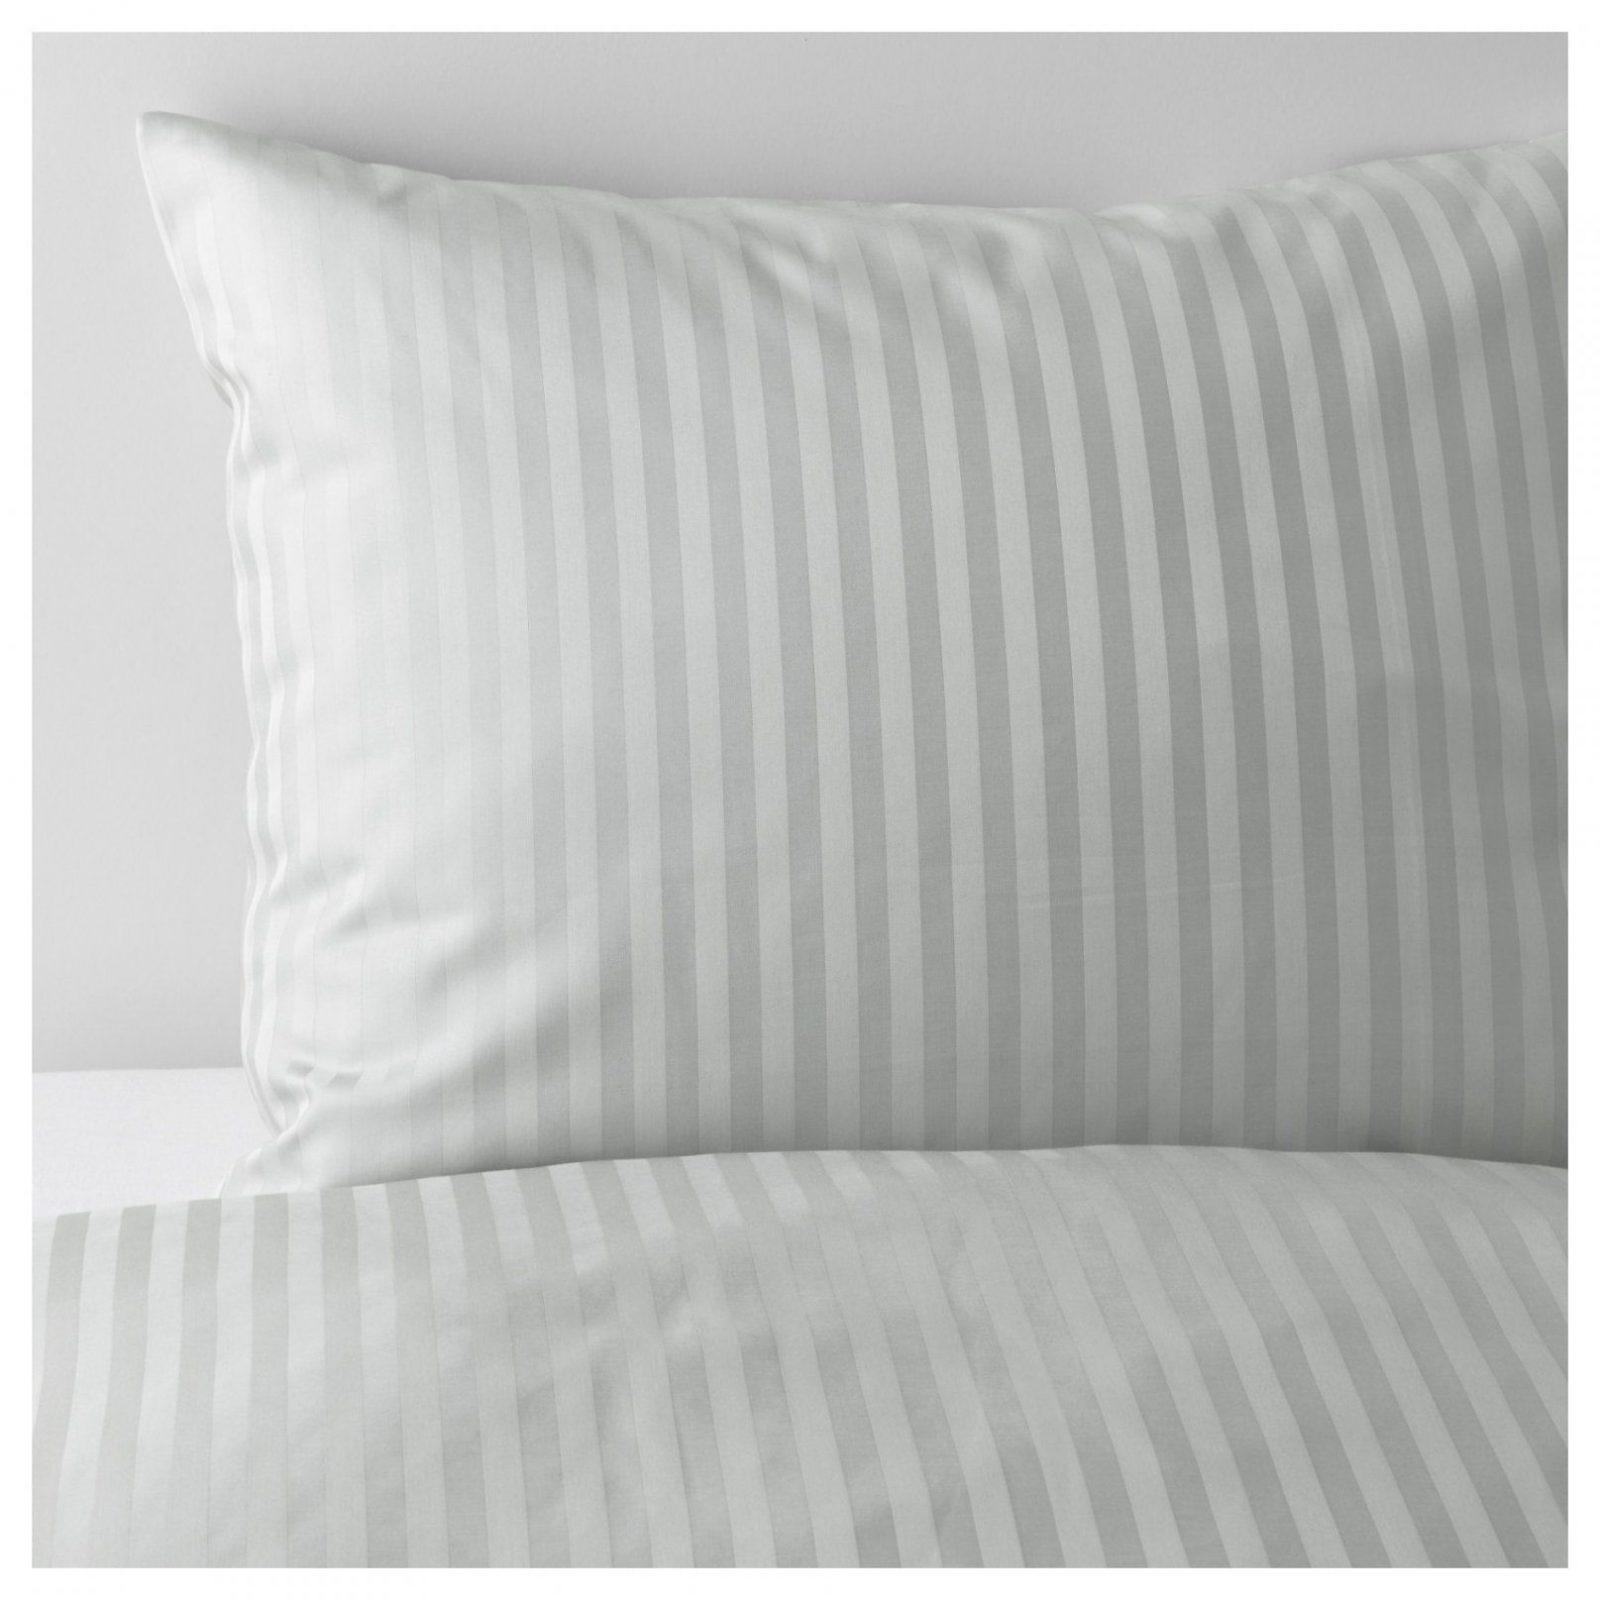 Schön Bettwäsche Günstig Online Kaufen Ikea Für Kinderbettwäsche von Ikea Bettwäsche Biber Photo